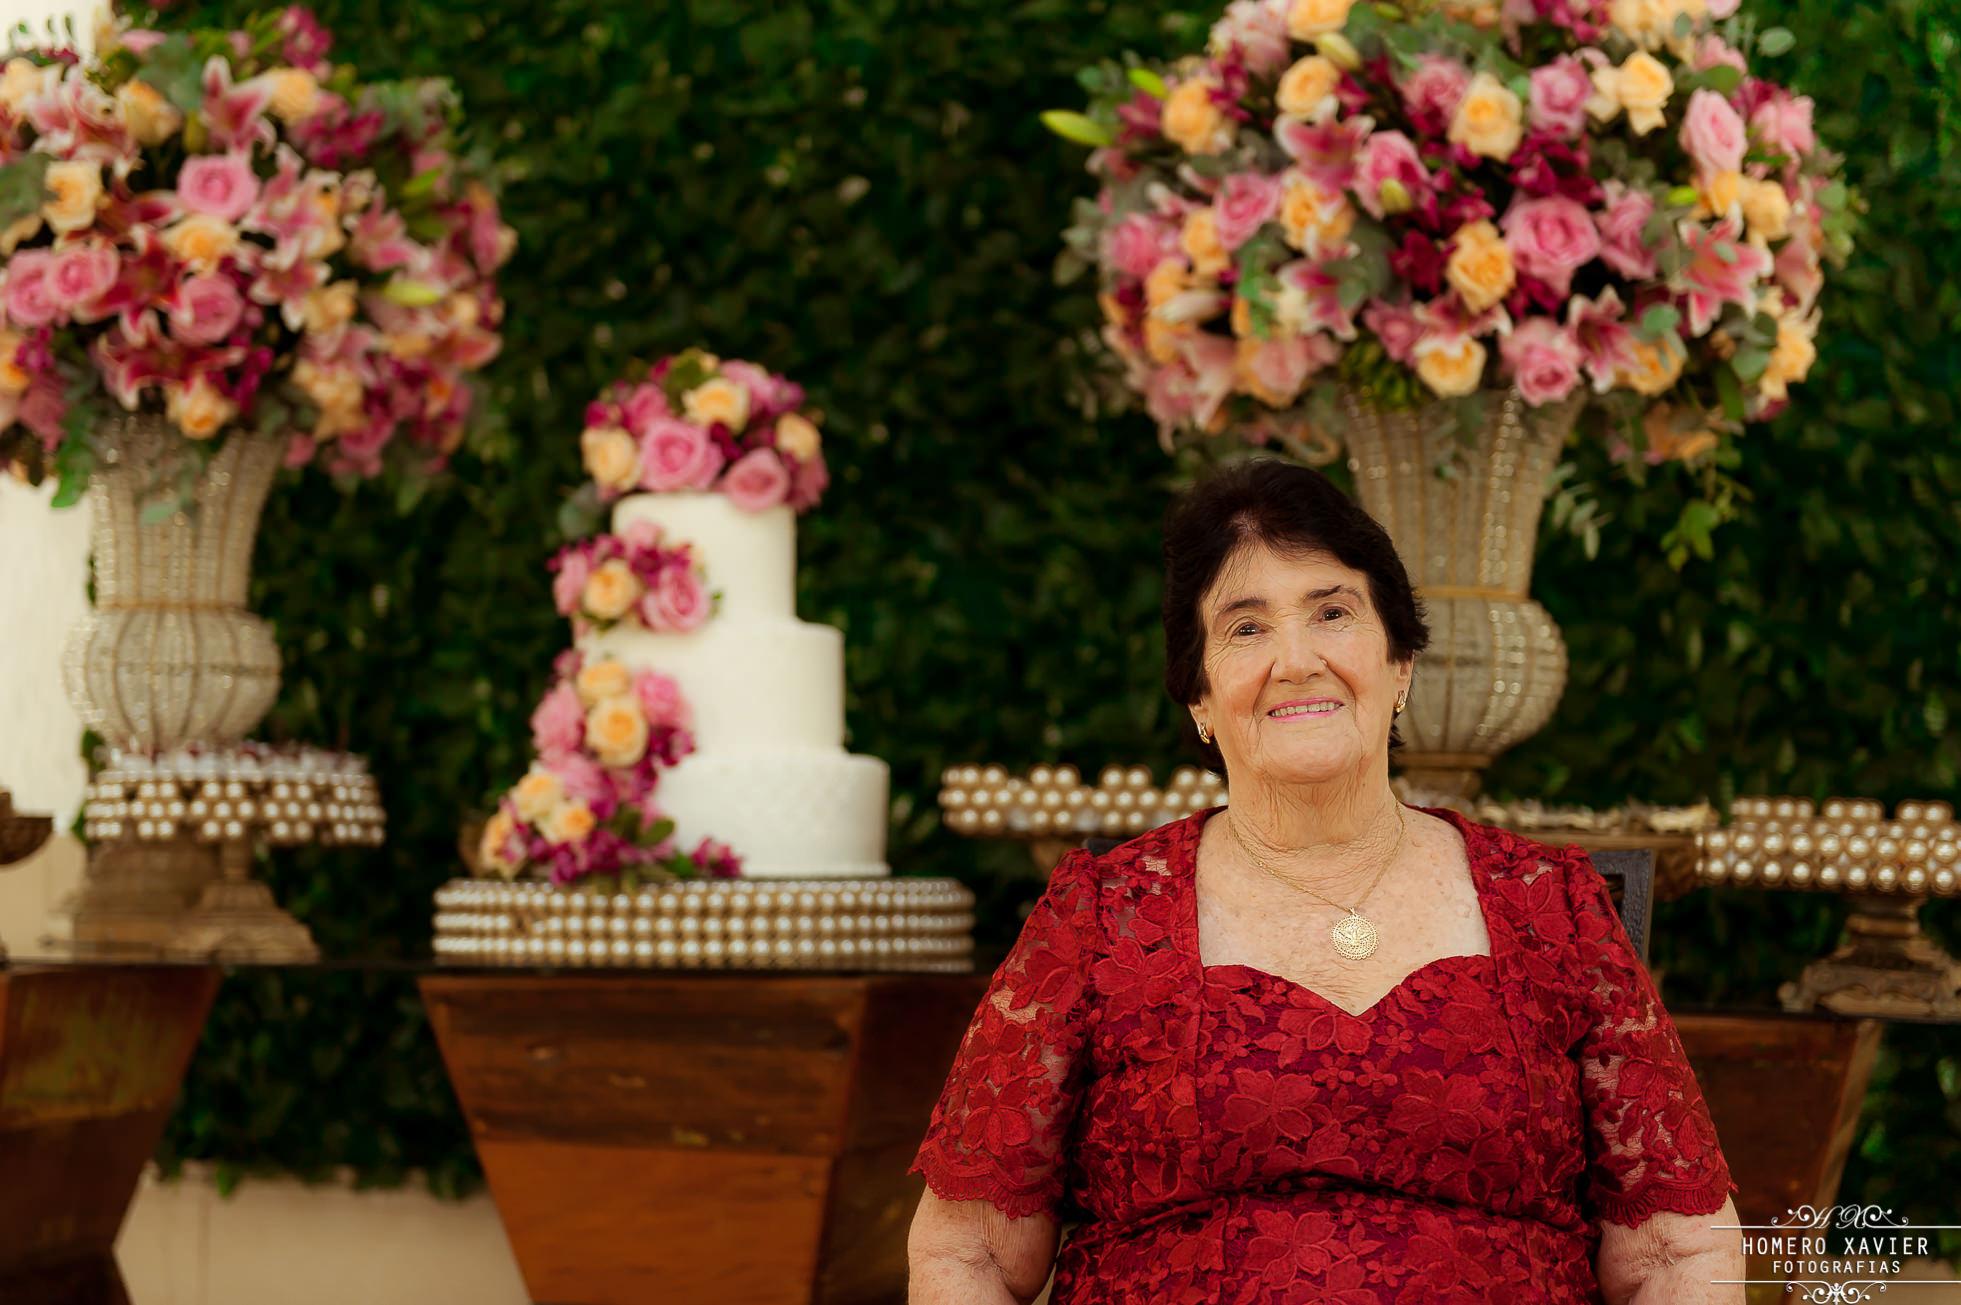 Festa de aniversário de 80 anos realizada no Recanto Marietta